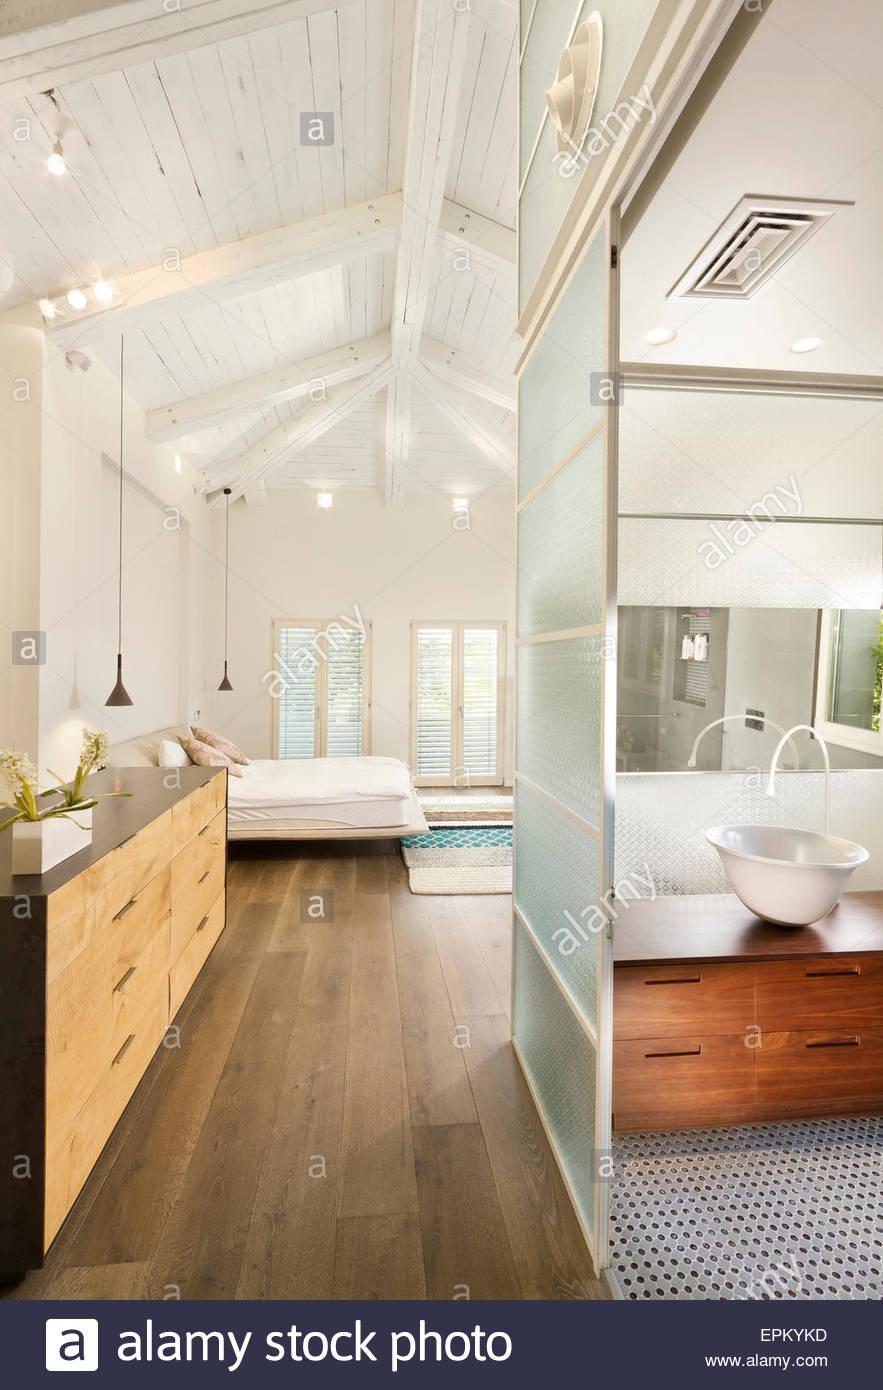 Weißes Schlafzimmer mit En-Suite Badezimmer mit Glas-Schiebetür in ...